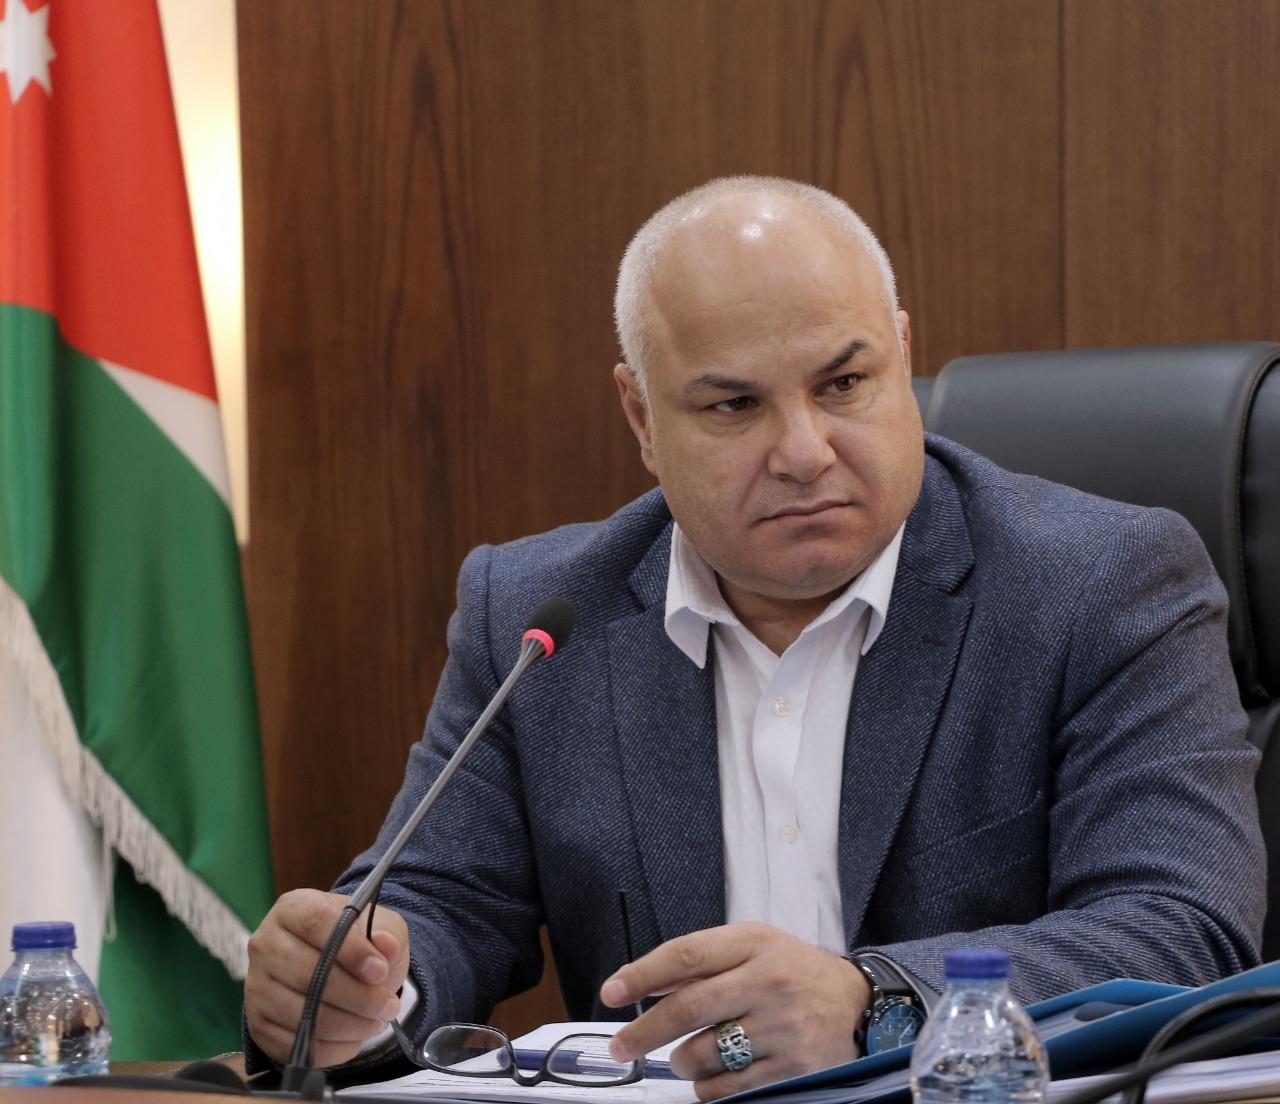 البرلمانية الأردنية - الفرنسية تؤكد تضامنها مع الشعب الفرنسي